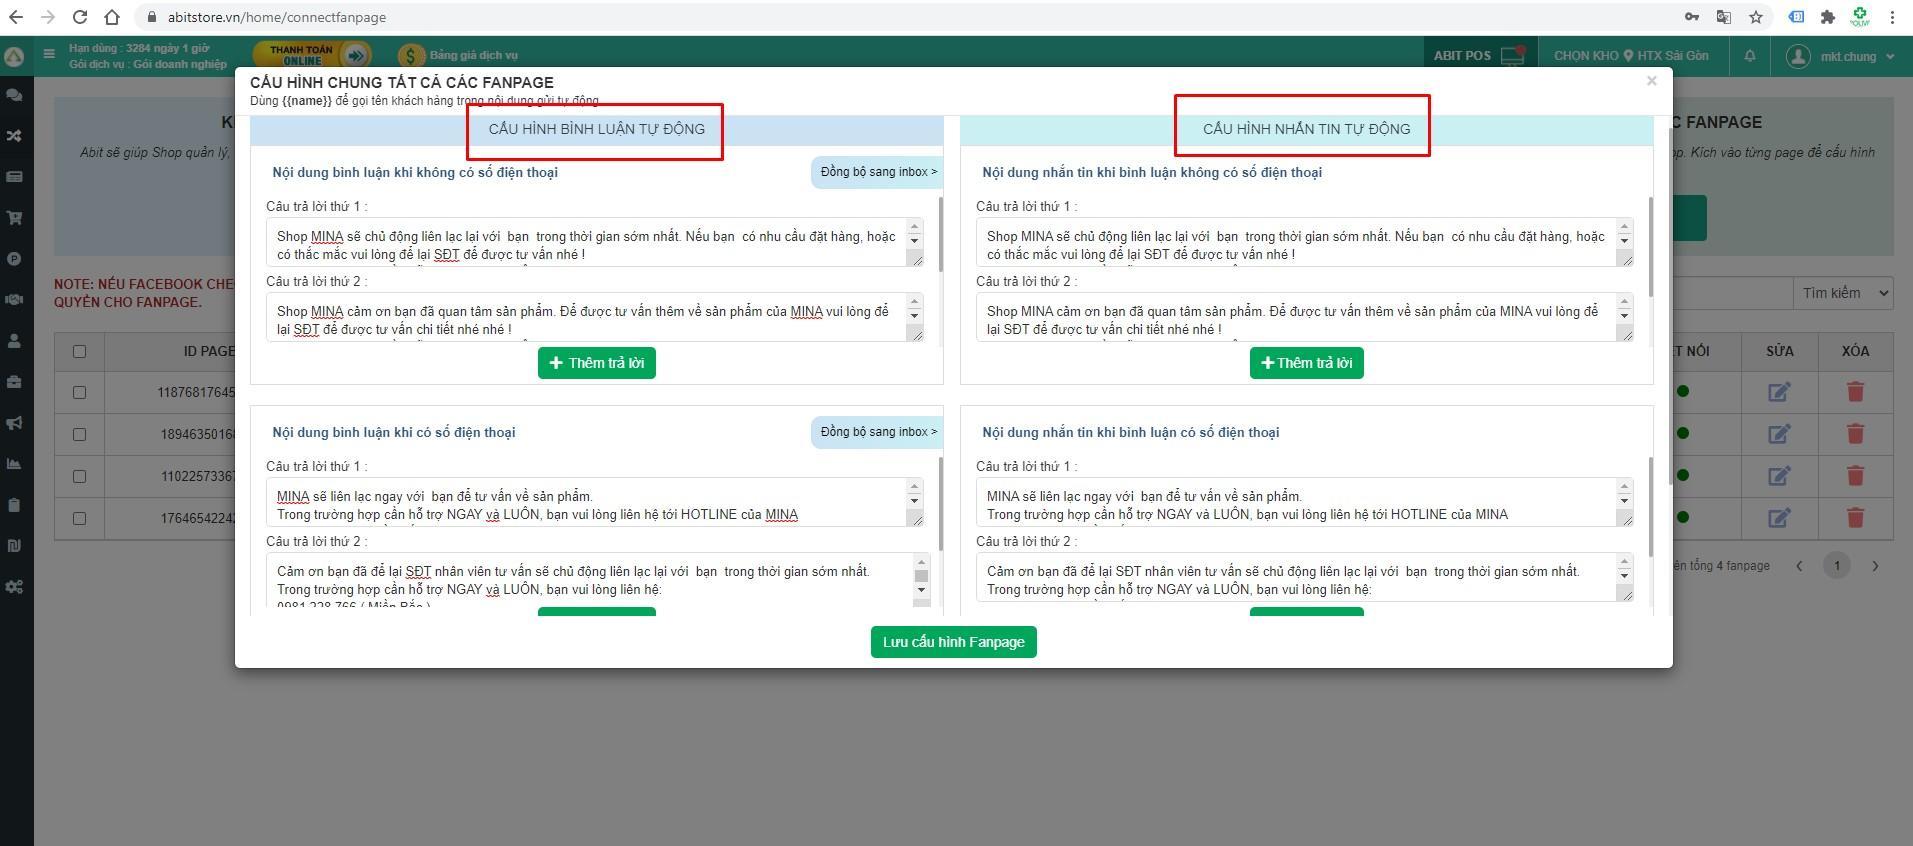 Phần mềm quản lý Fanpage - Tự động trả lời comment và inbox khách